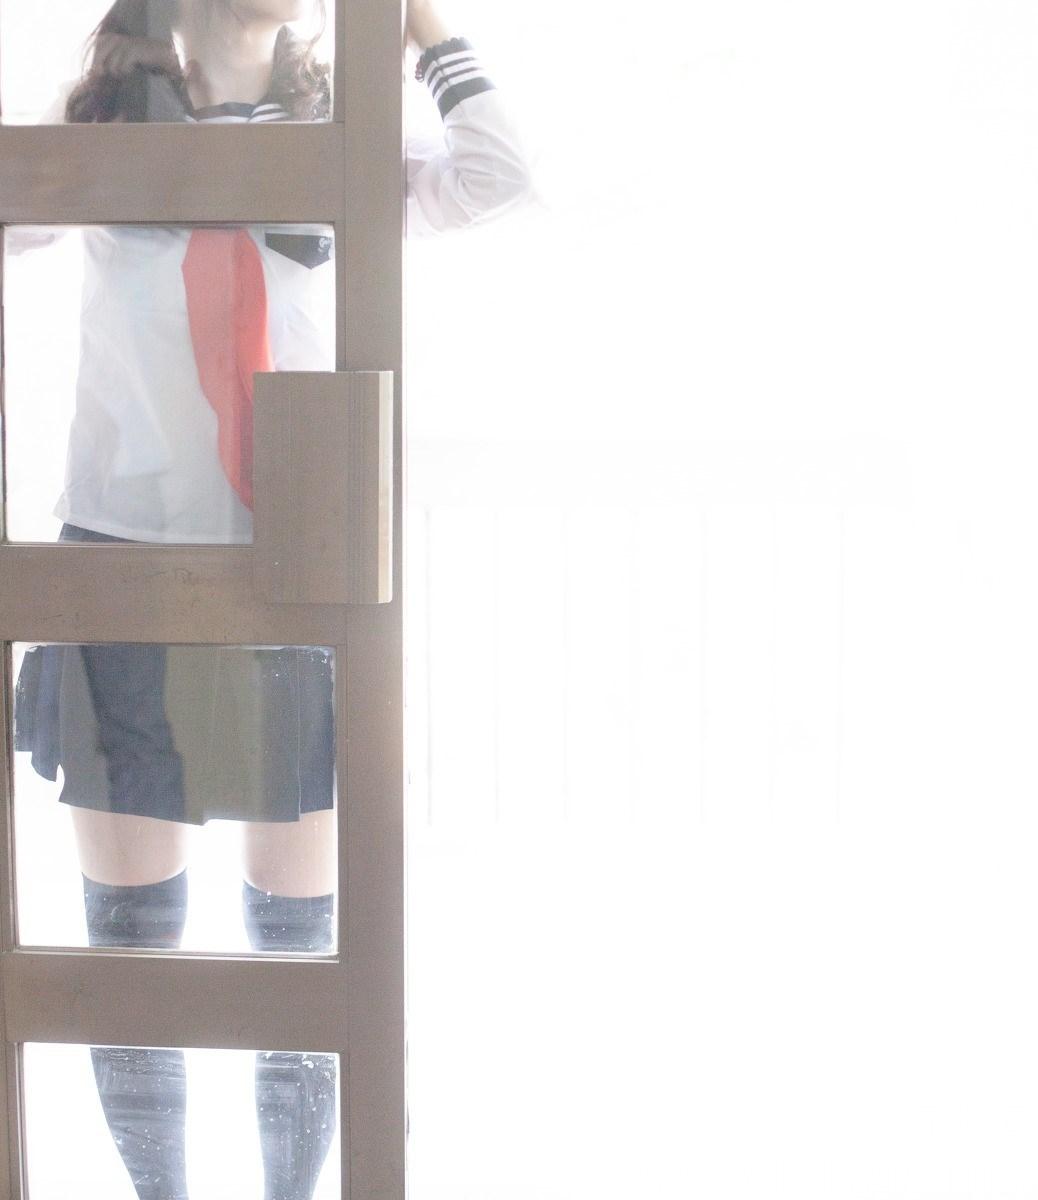 【兔玩映画】腿控福利-杂图集锦 兔玩映画 第8张